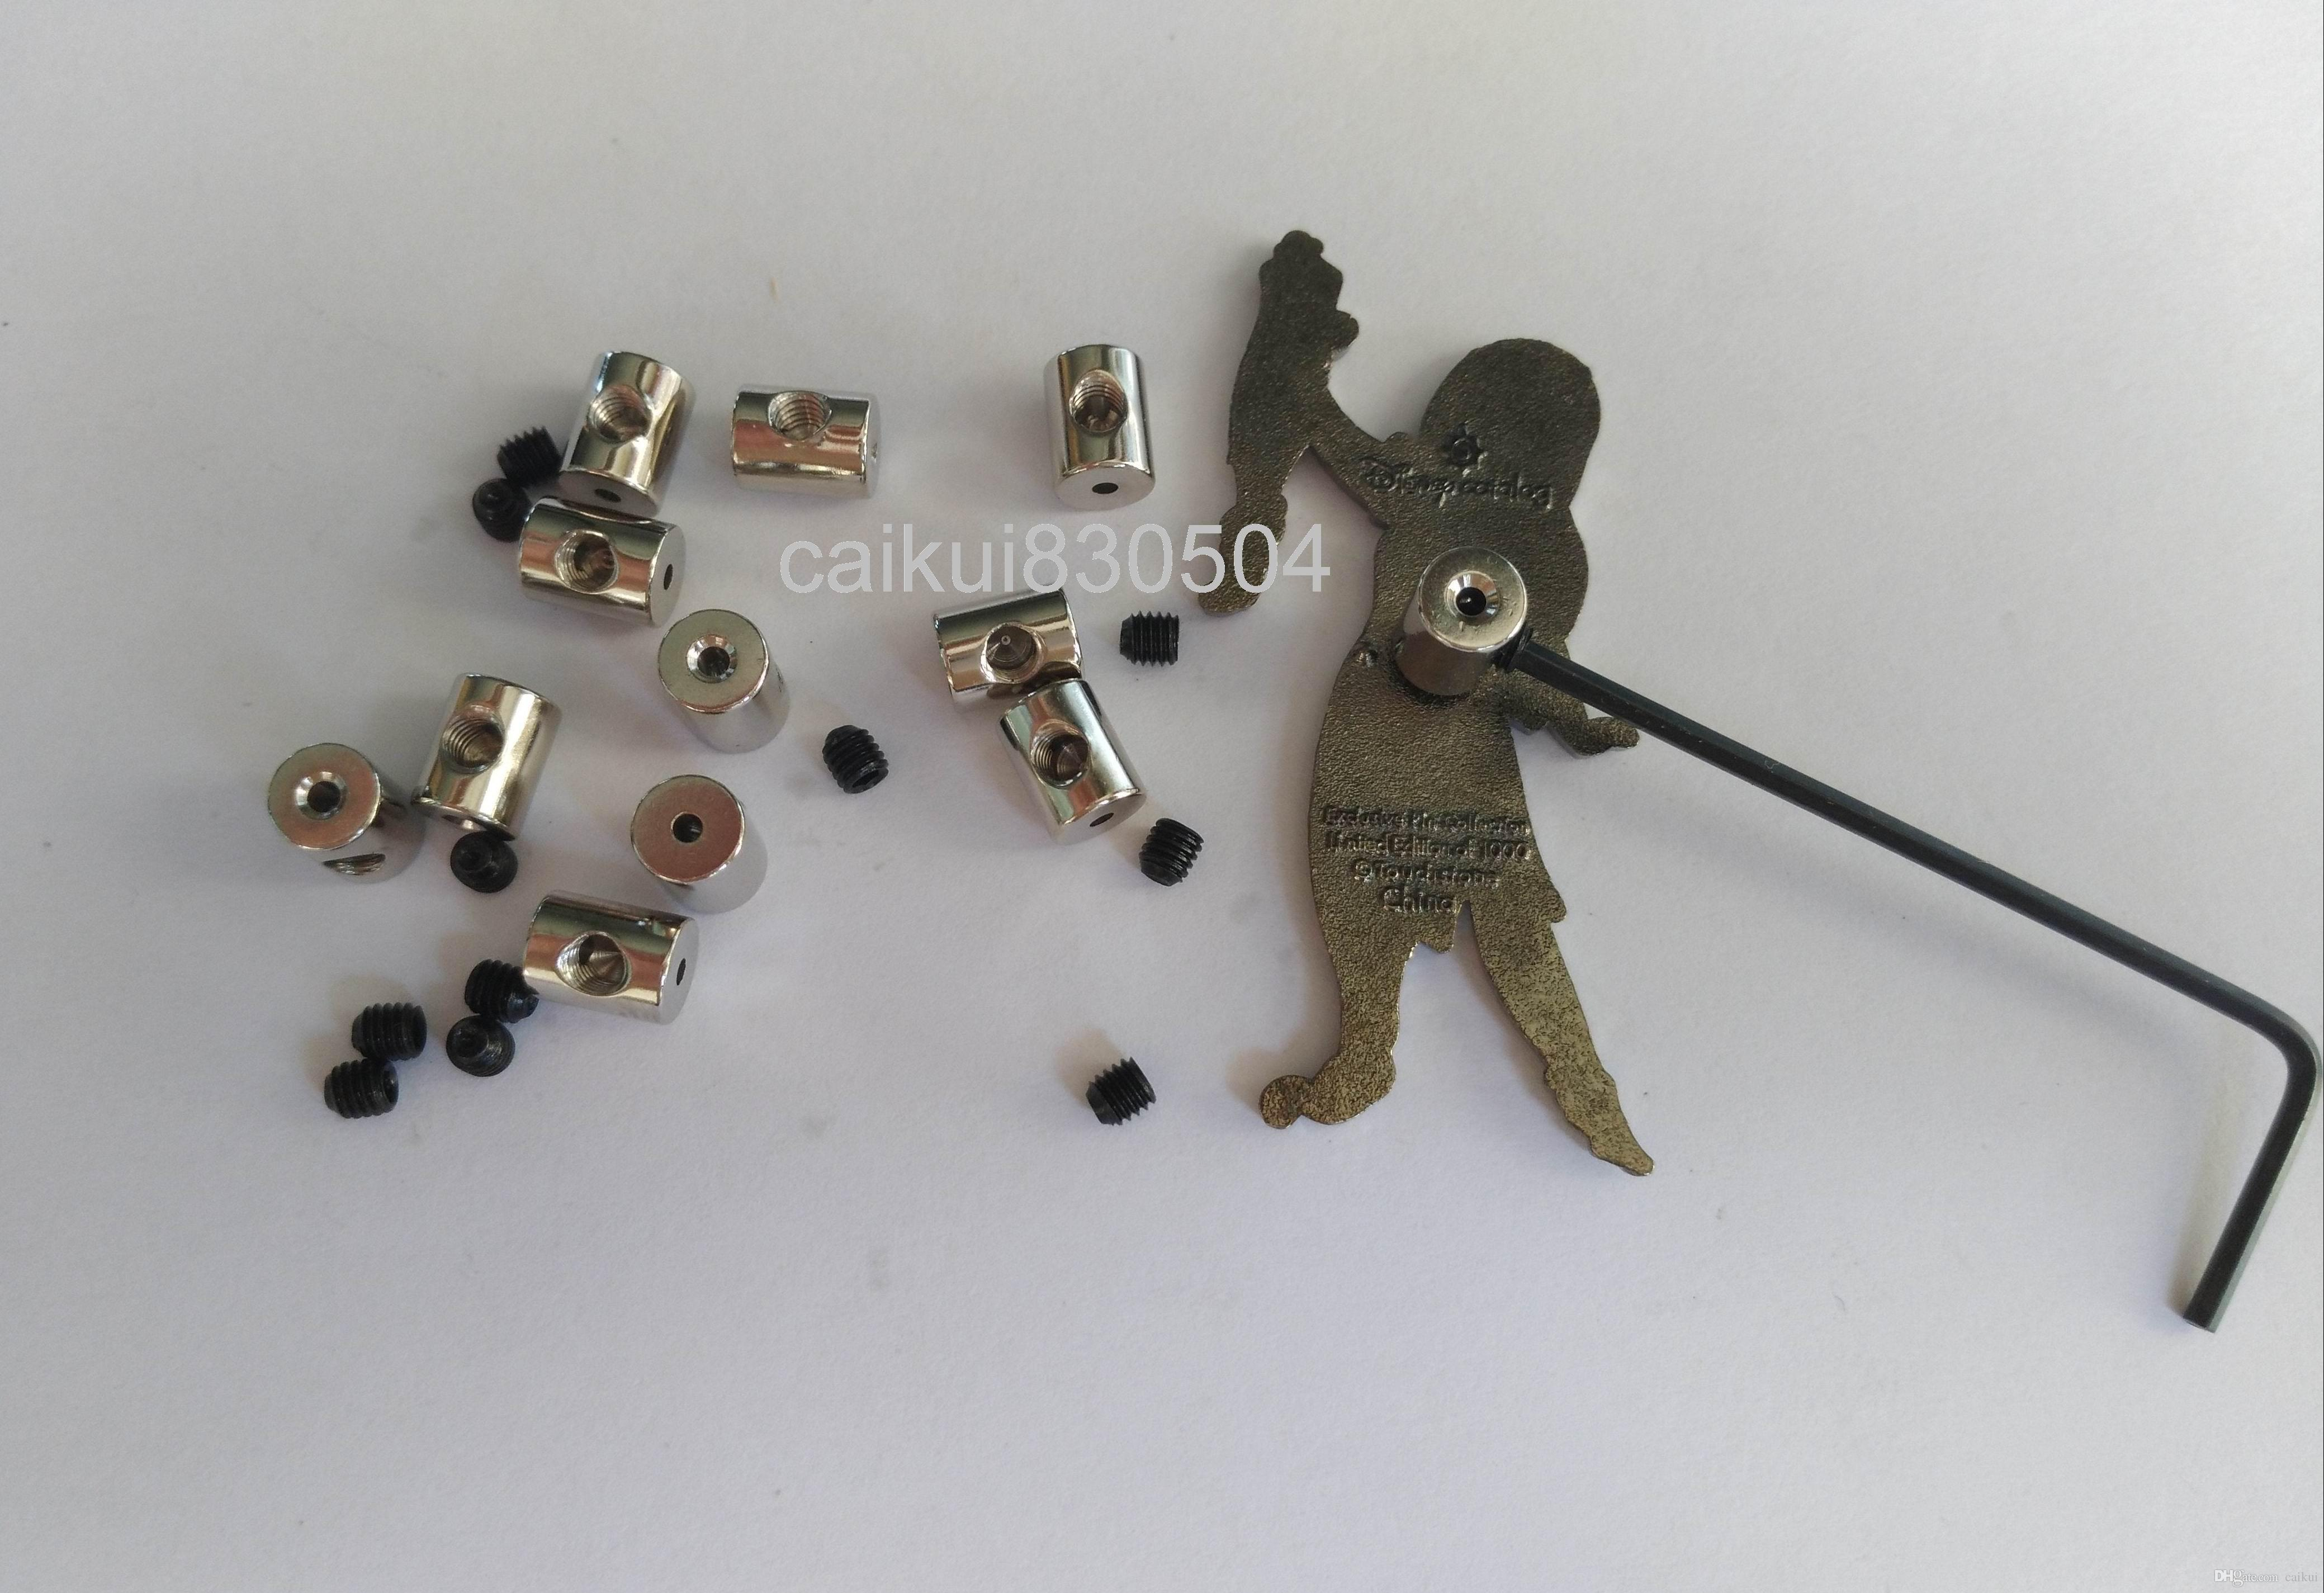 7mm Uzunluk Pirinç Kilitleme Pin Keepers Pin Backs Koruyucular Tutucu Biker Askeri Spor Polis Biker İzciler için Allen Anahtarı ile Tutucu